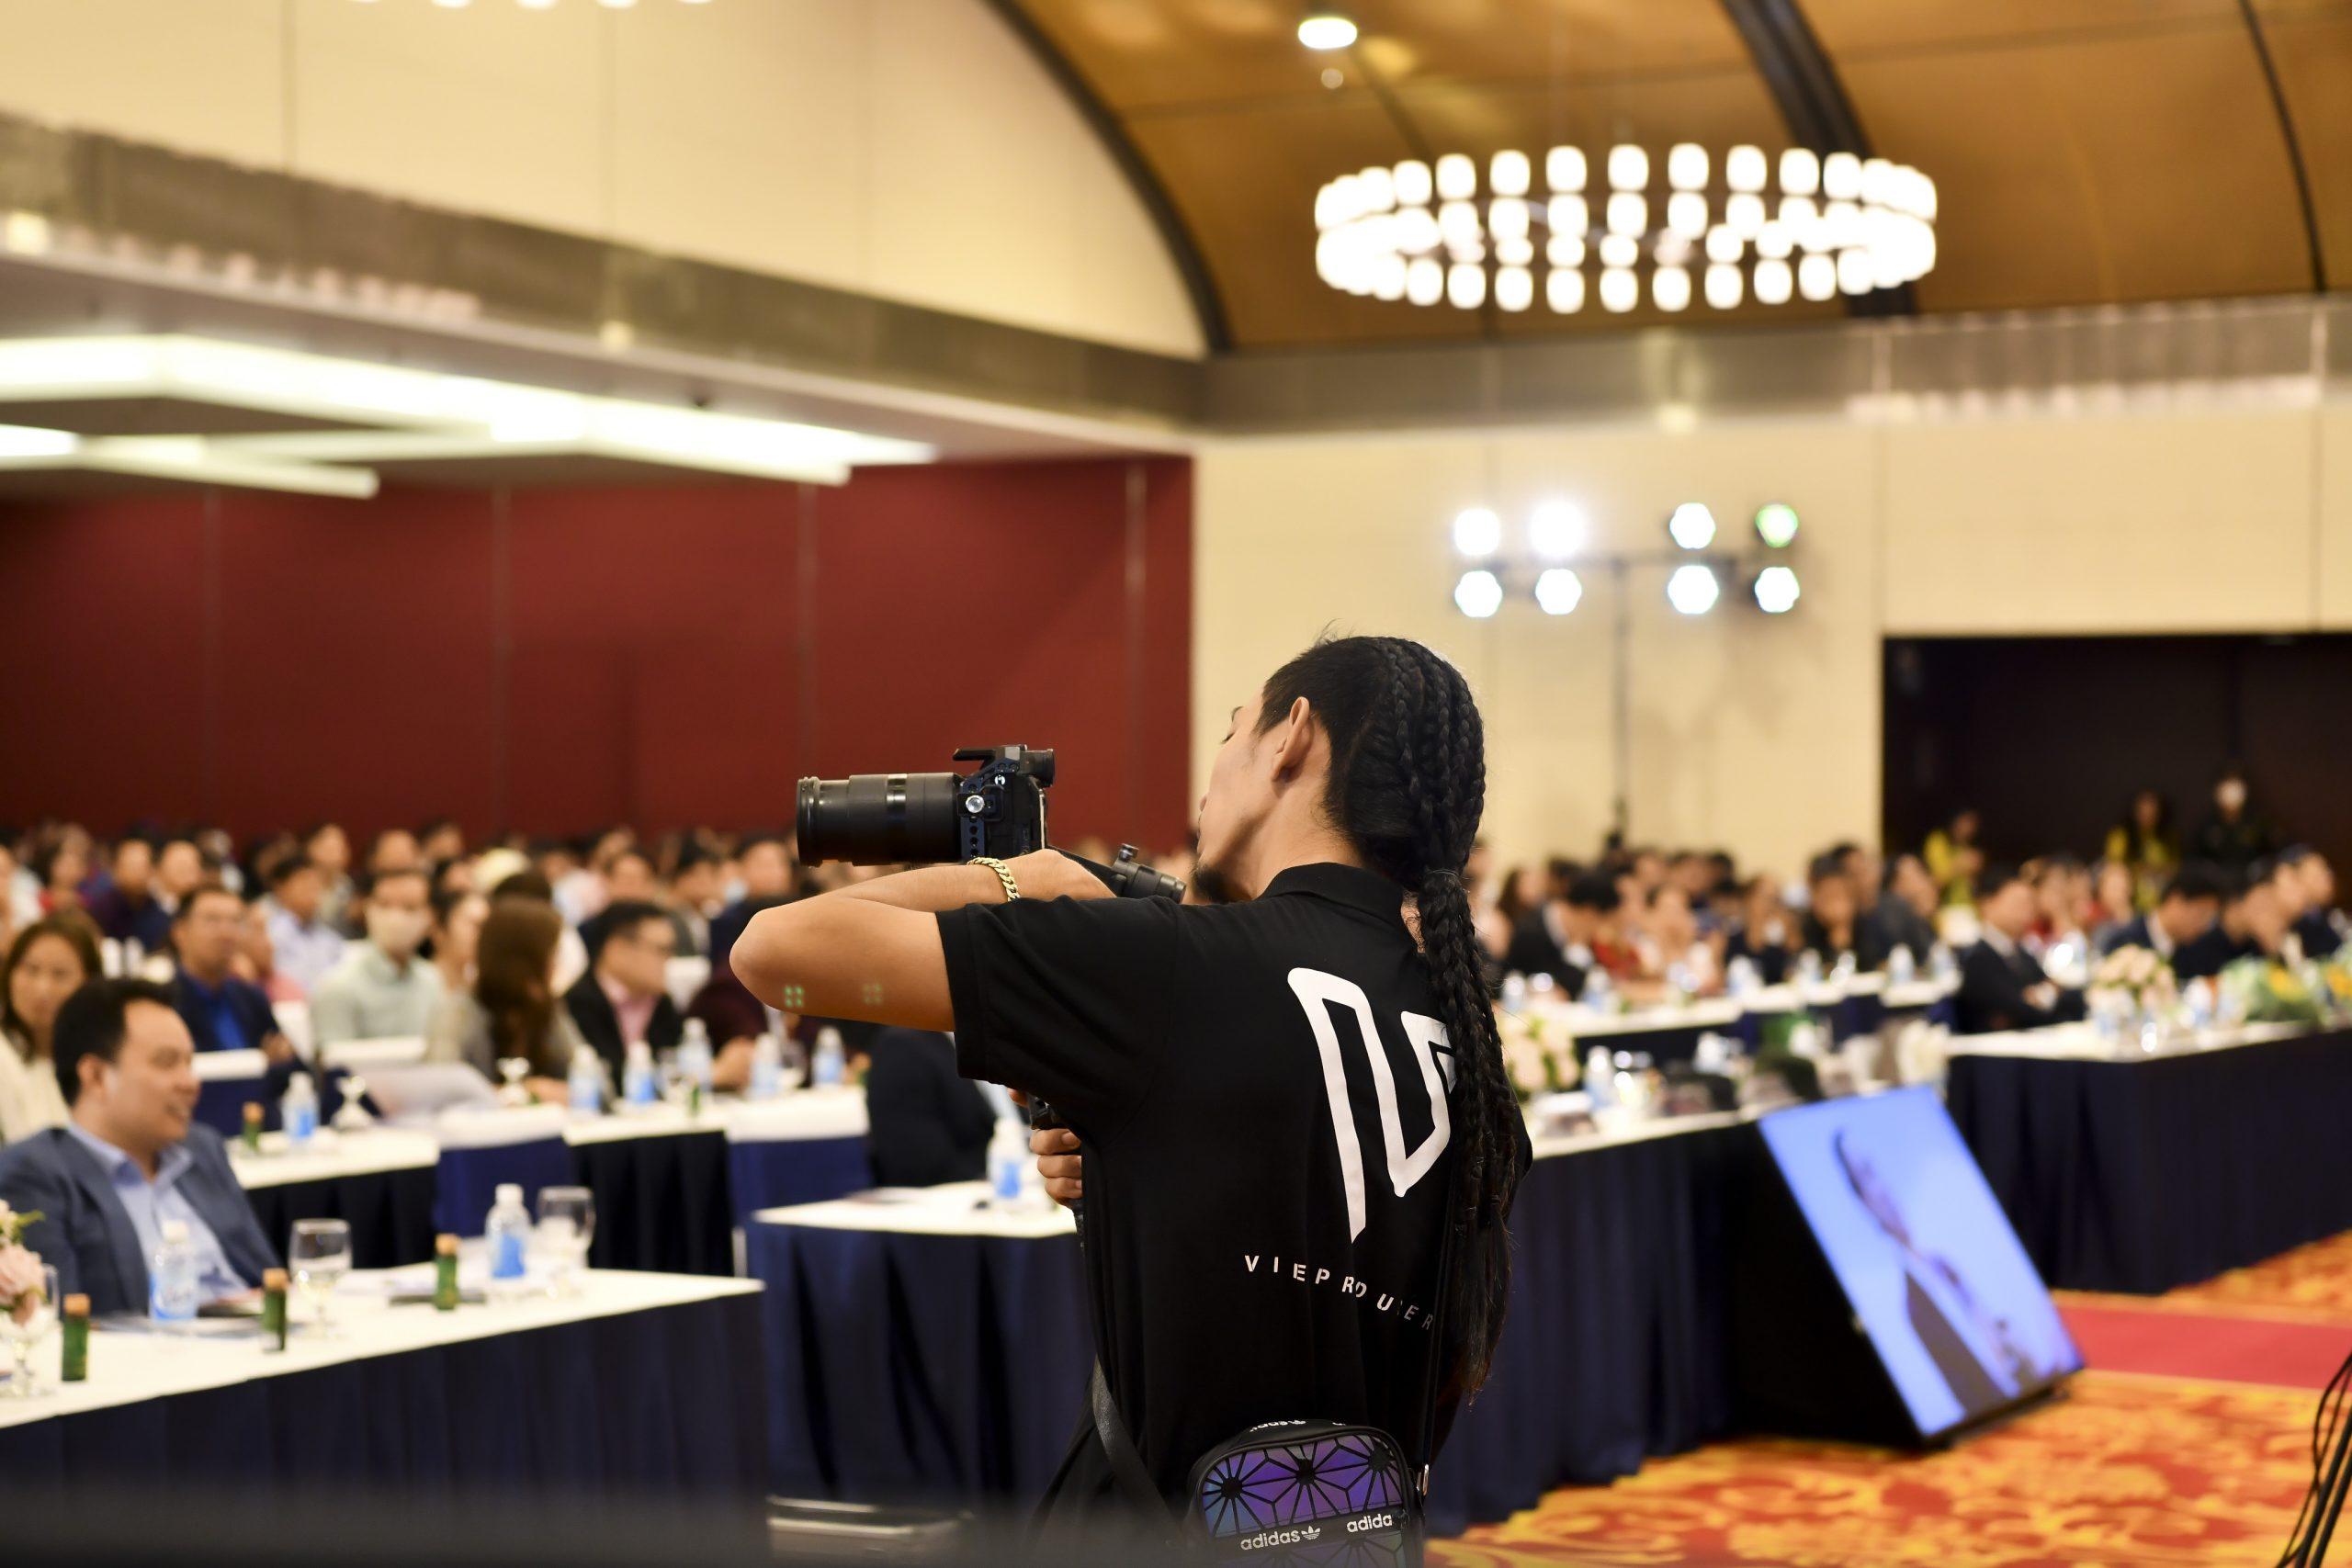 Dịch vụ quay phim chụp ảnh sự kiện uy tín, chất lượng